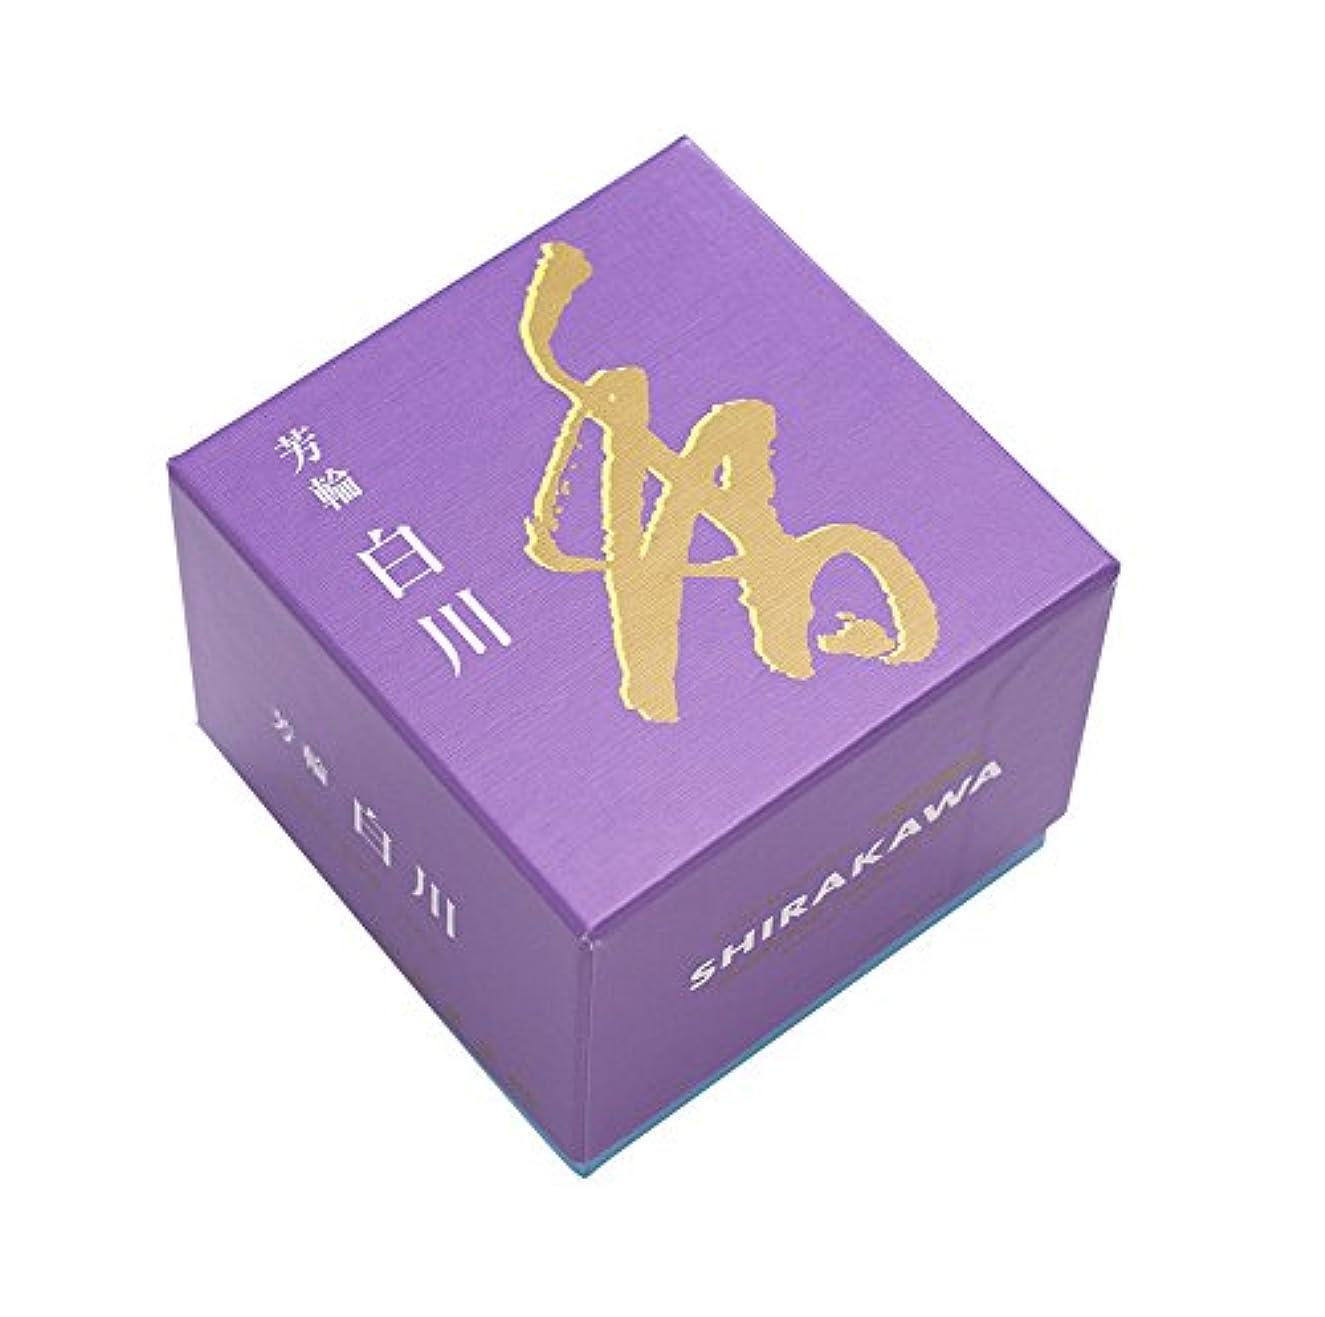 冷凍庫出発超越する松栄堂のお香 芳輪白川 渦巻型10枚入 うてな角型付 #210621